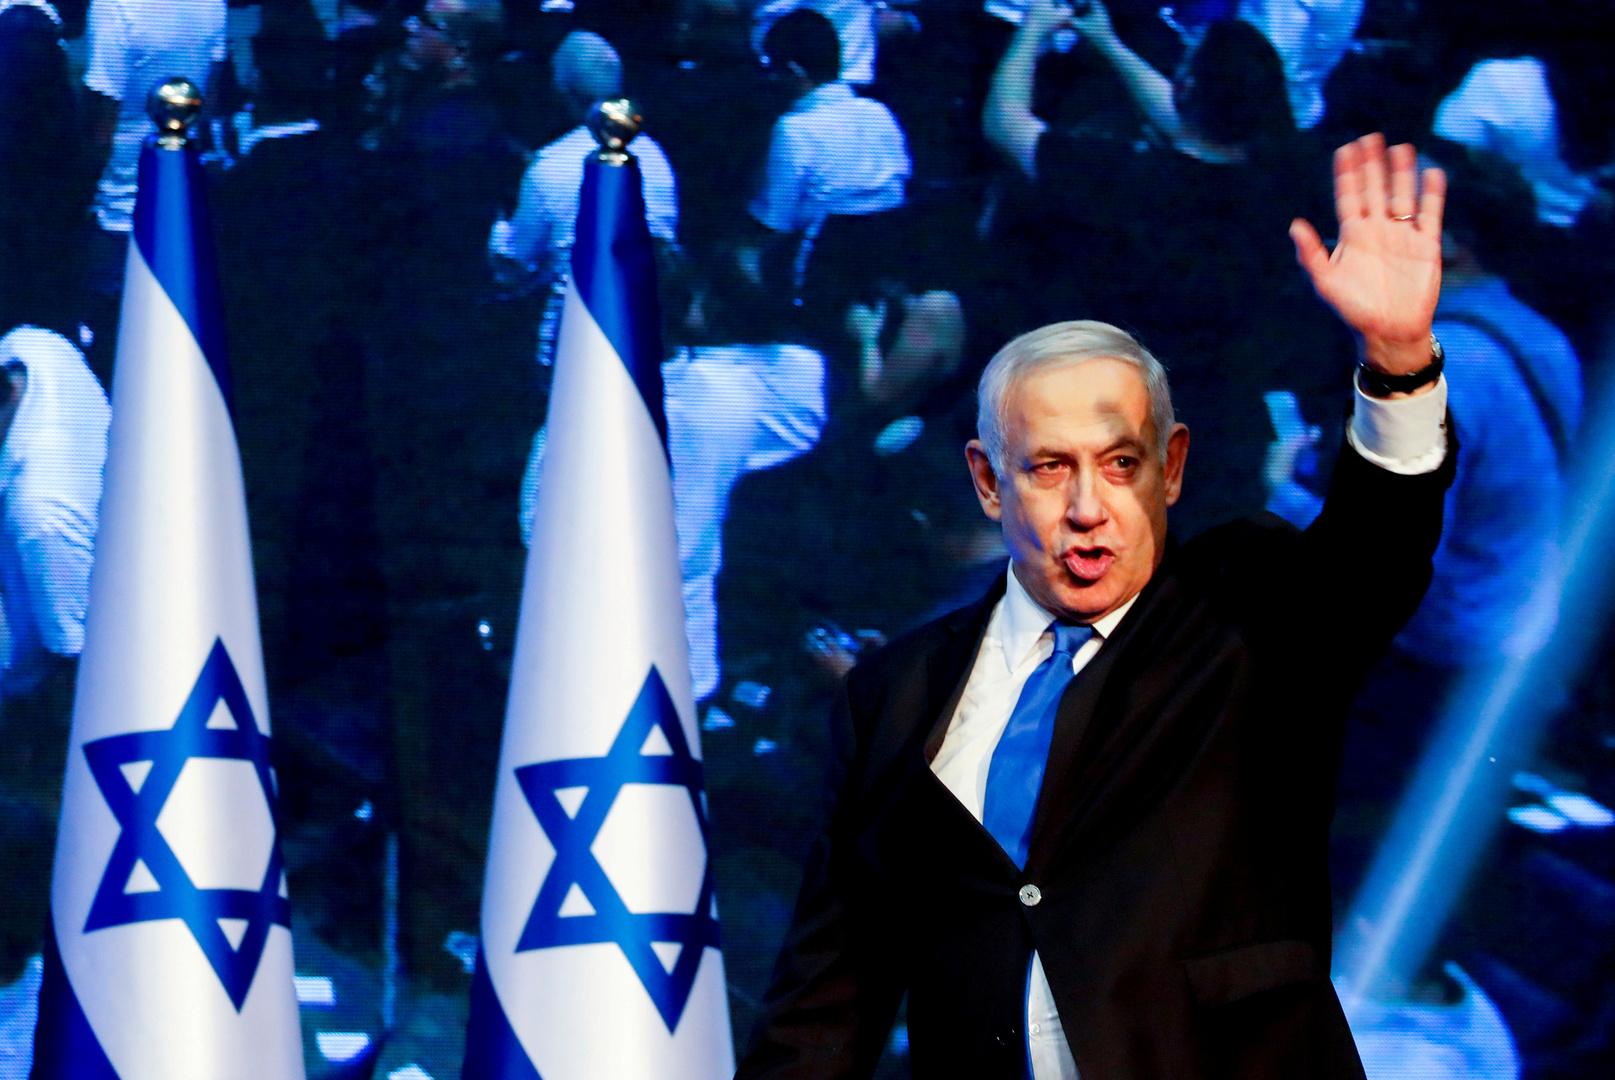 وسط تقارير عن زيارة مسؤولين إسرائيليين إلى السودان.. تقرير يكشف تشكيلة الوفد